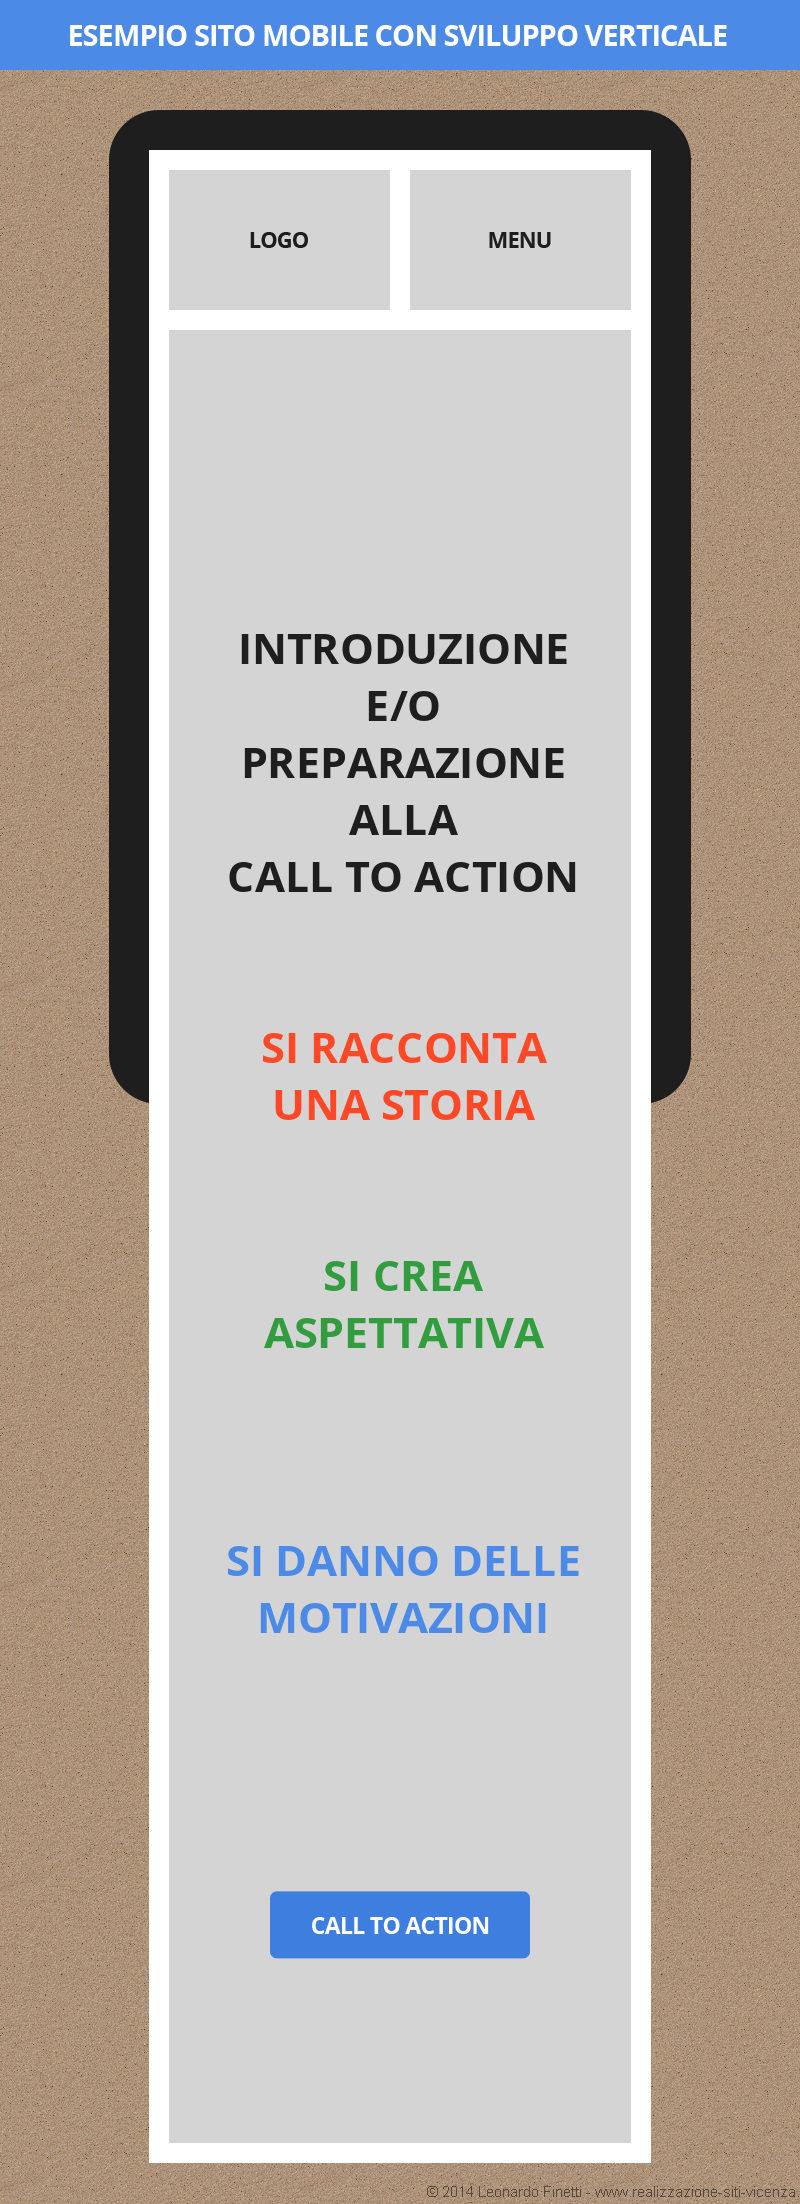 Esempio sito mobile con sviluppo verticale